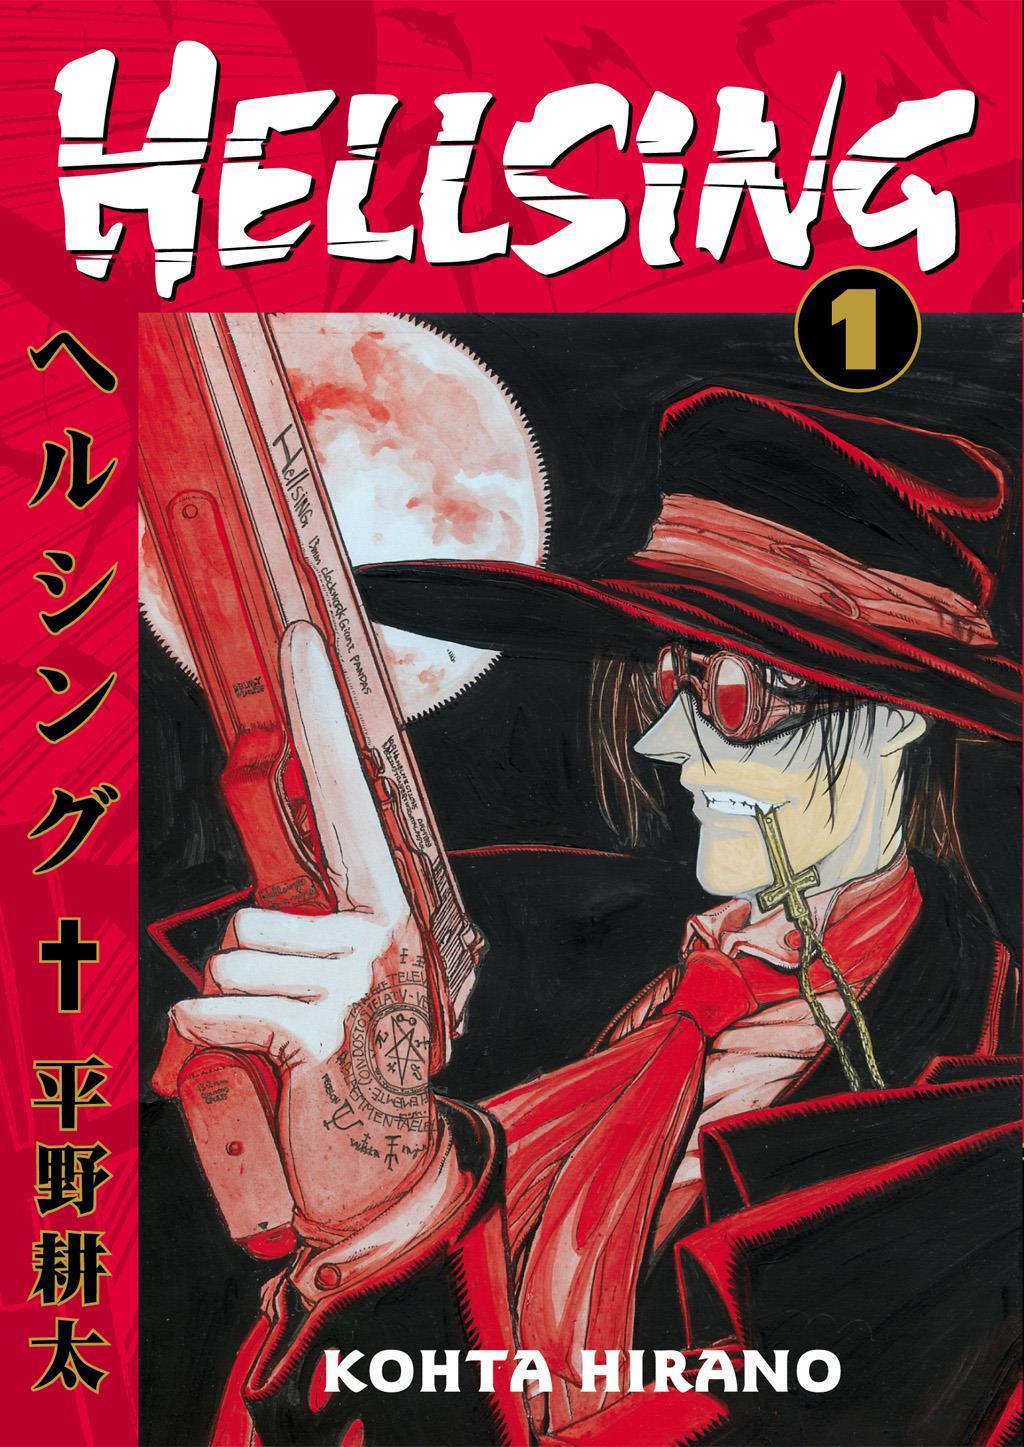 """Image result for hellsing manga"""""""